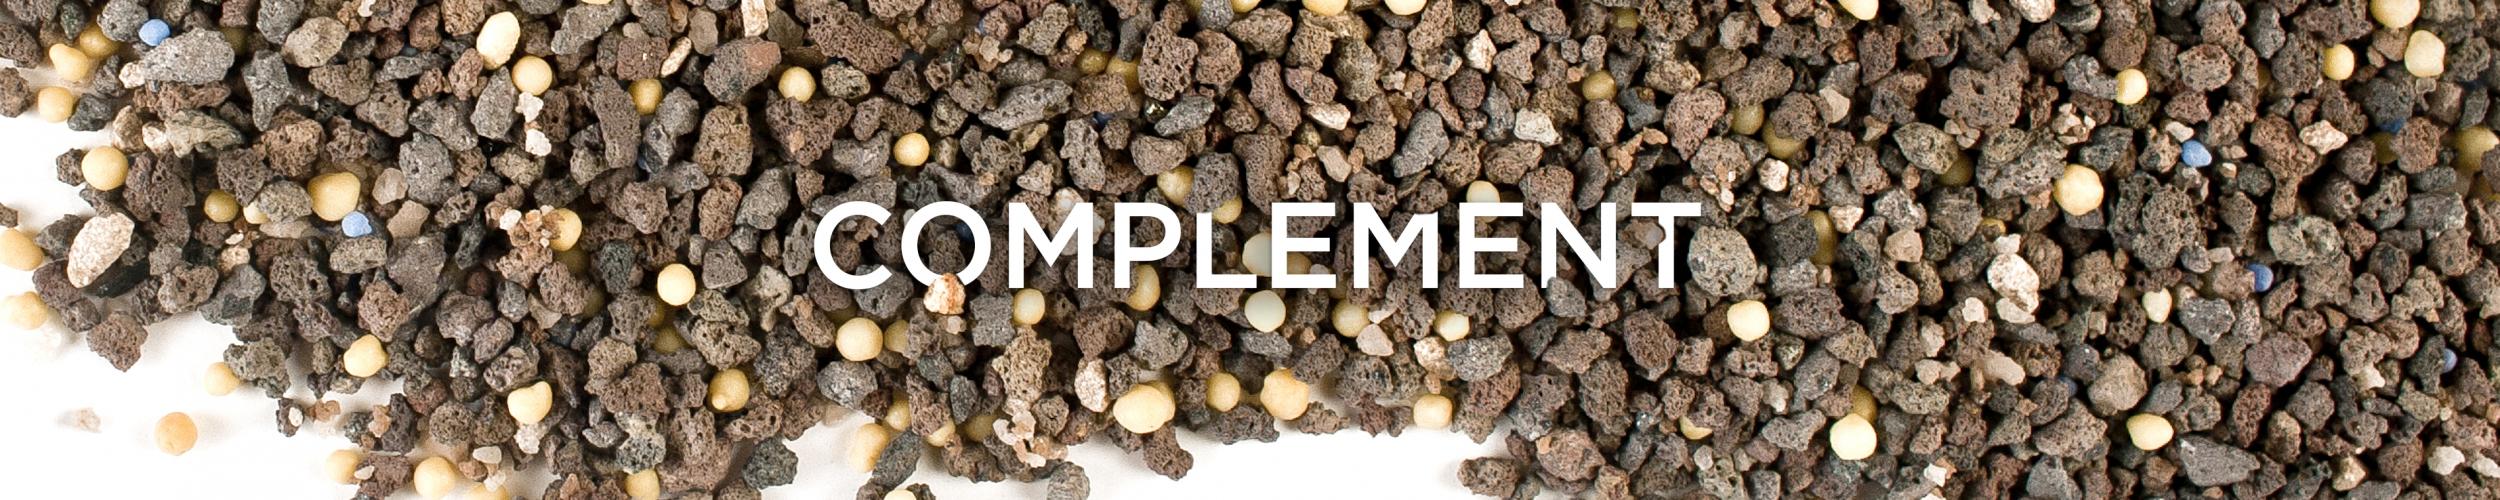 TerraCottem Complement acondicionador de suelo complementario